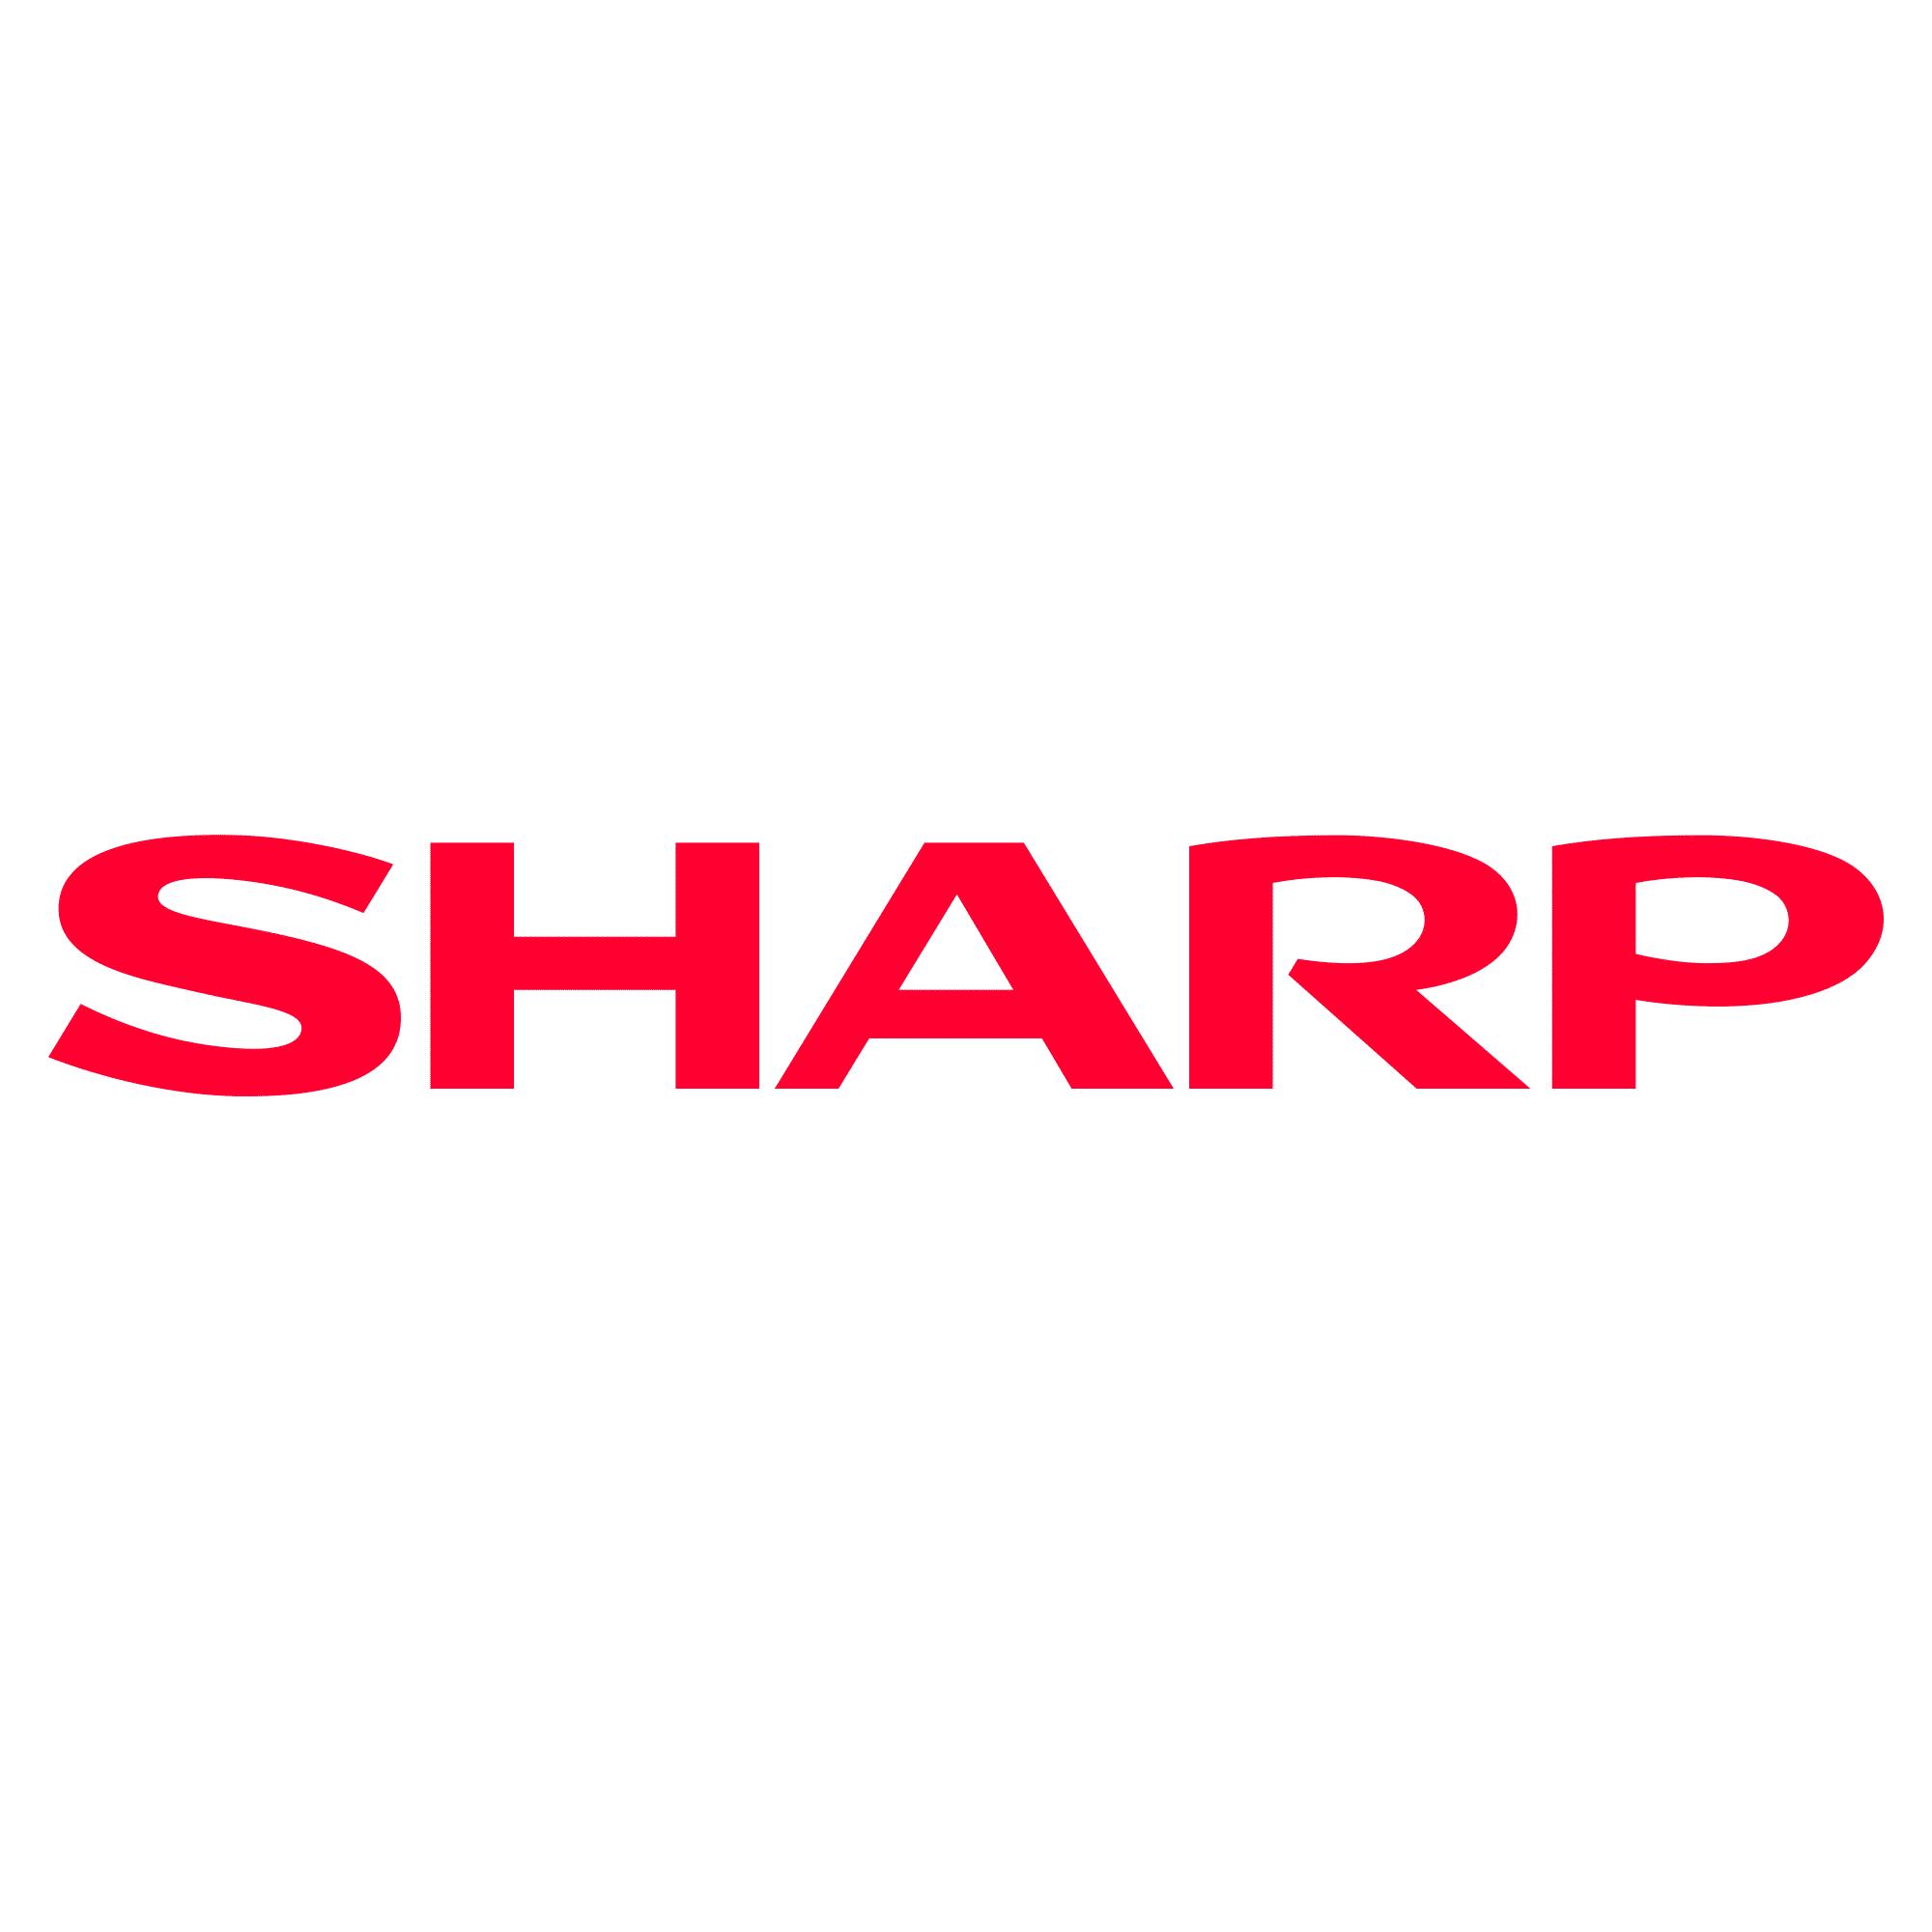 Sharp: Hohe Investition für OLED-Produktion geplant – für künftige iPhones